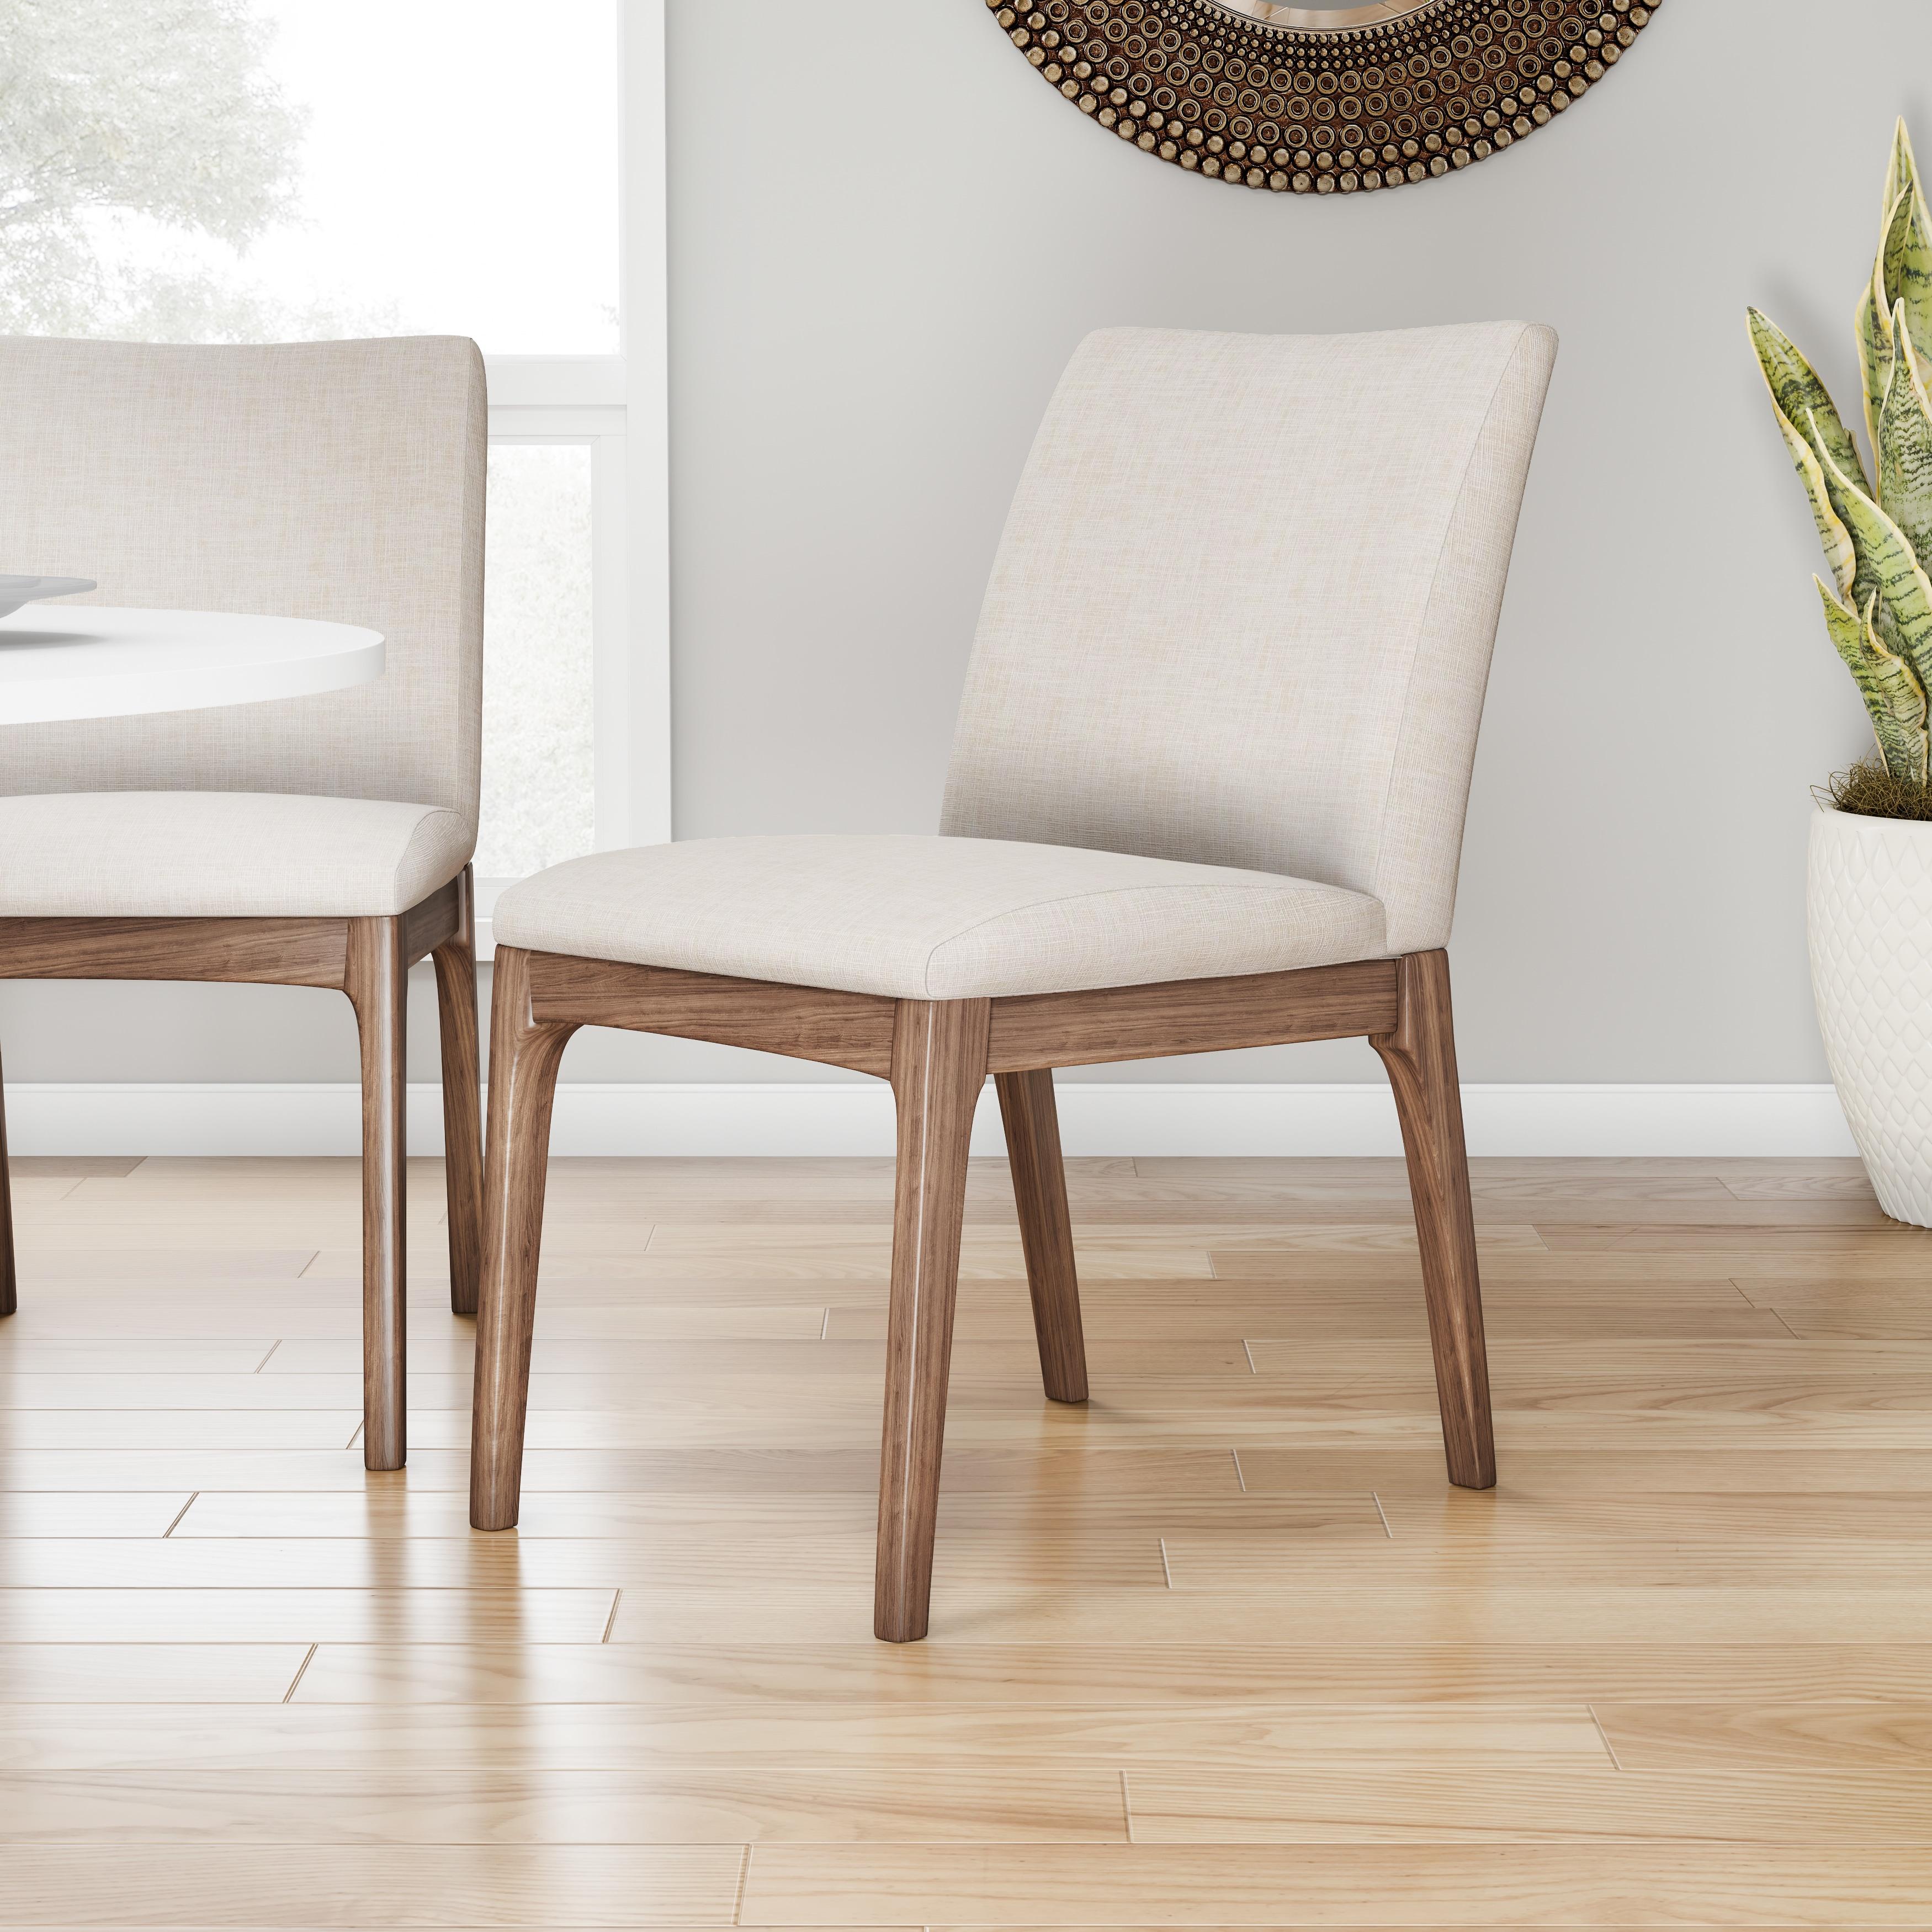 5a29bc33fe Carson Carrington Lulea Mid-century Dining chairs